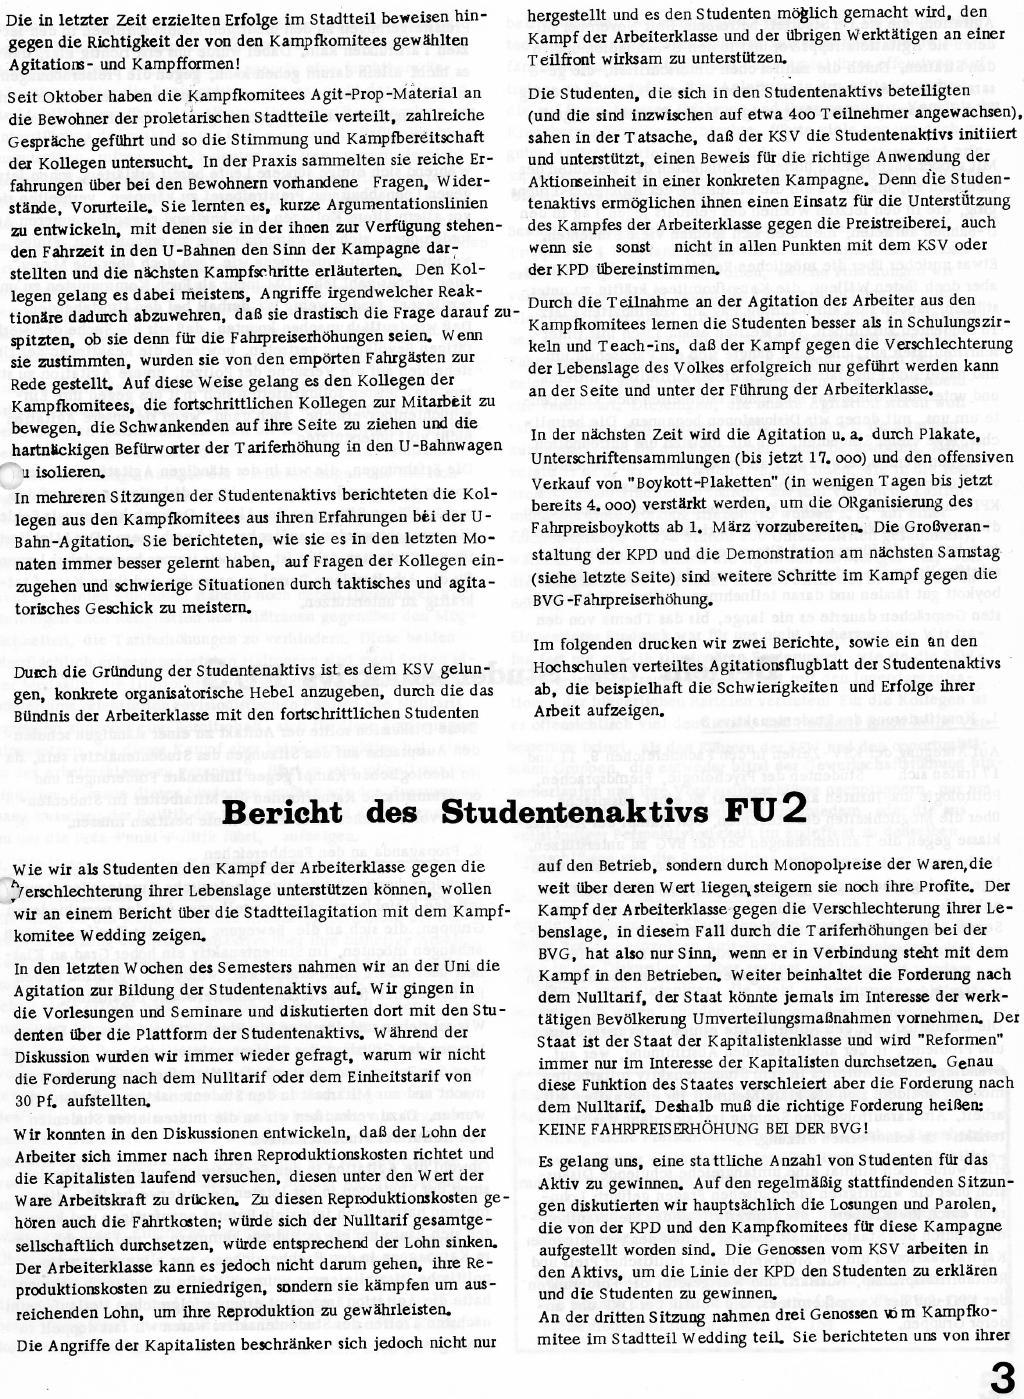 RPK_1972_156_03